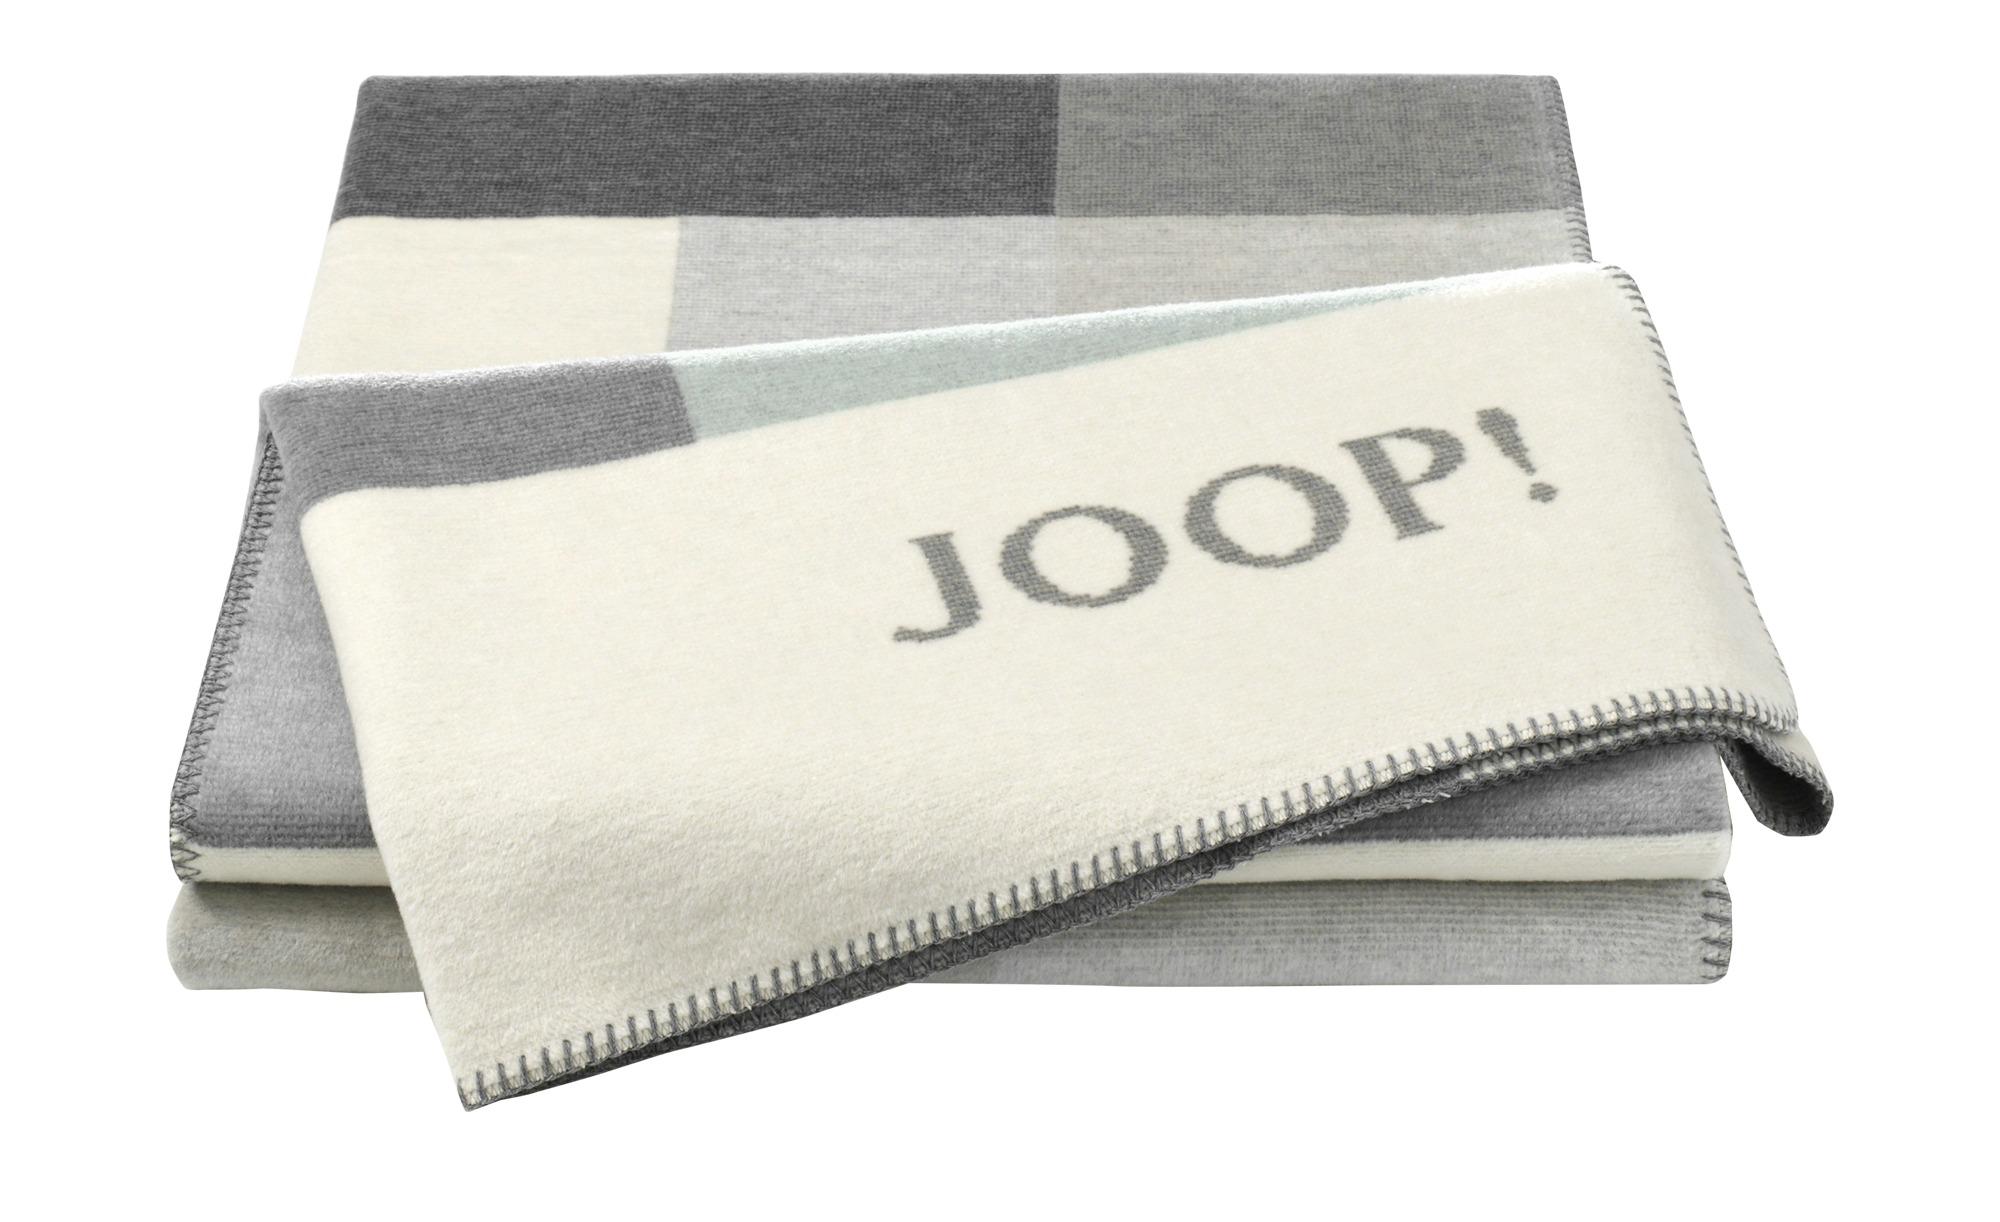 JOOP! Wohndecke  JOOP! Bold ¦ grün ¦ 58% Baumwolle, 35% Polyacryl, 7% Polyester ¦ Maße (cm): B: 150 Heimtextilien > Kuscheldecken - Höffner